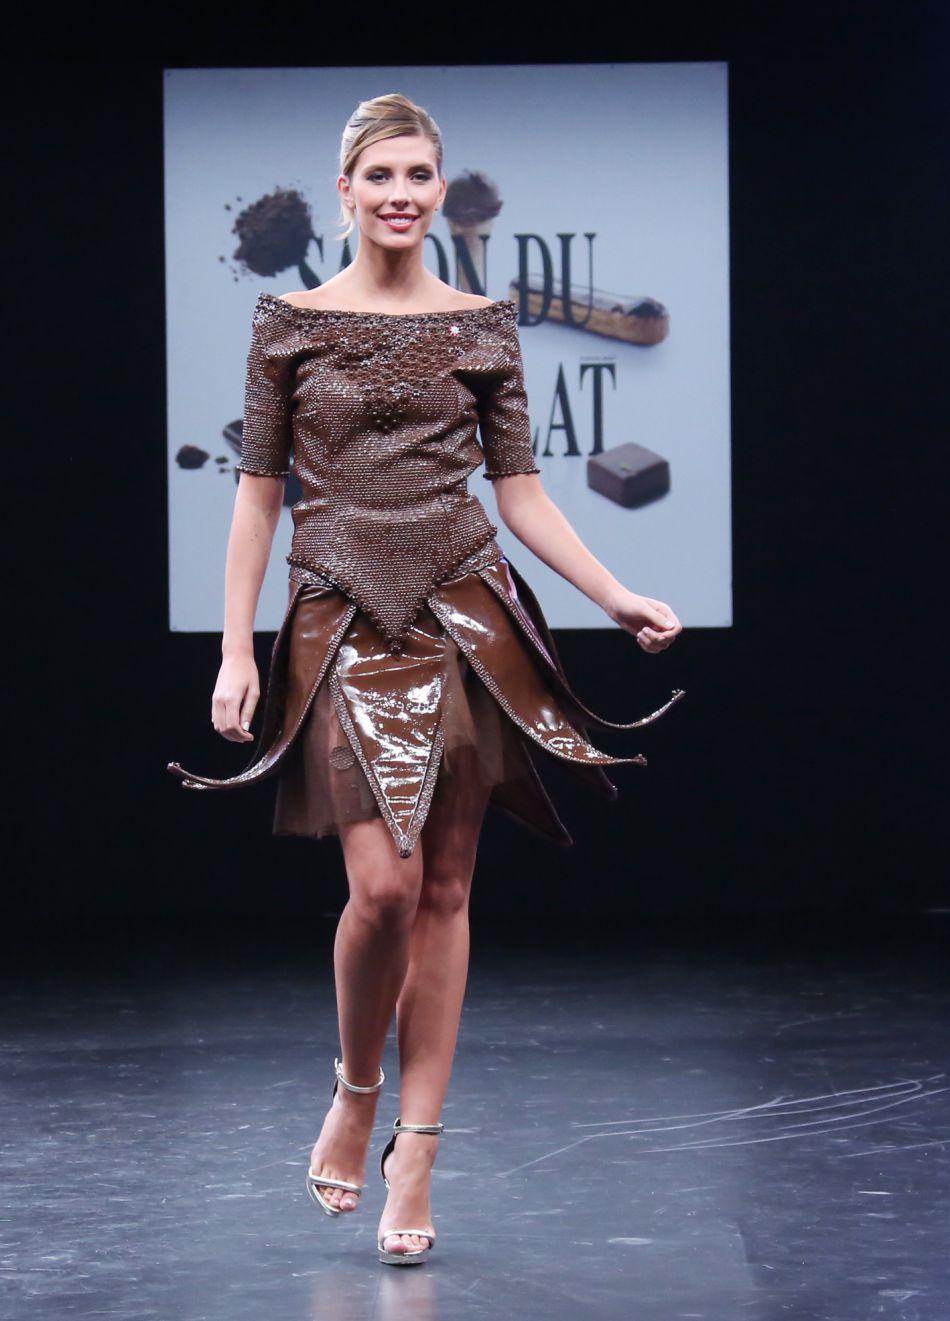 Celle qui a été élue Miss France 2015 a passé un été exotique entre Thaïlande et Népal.